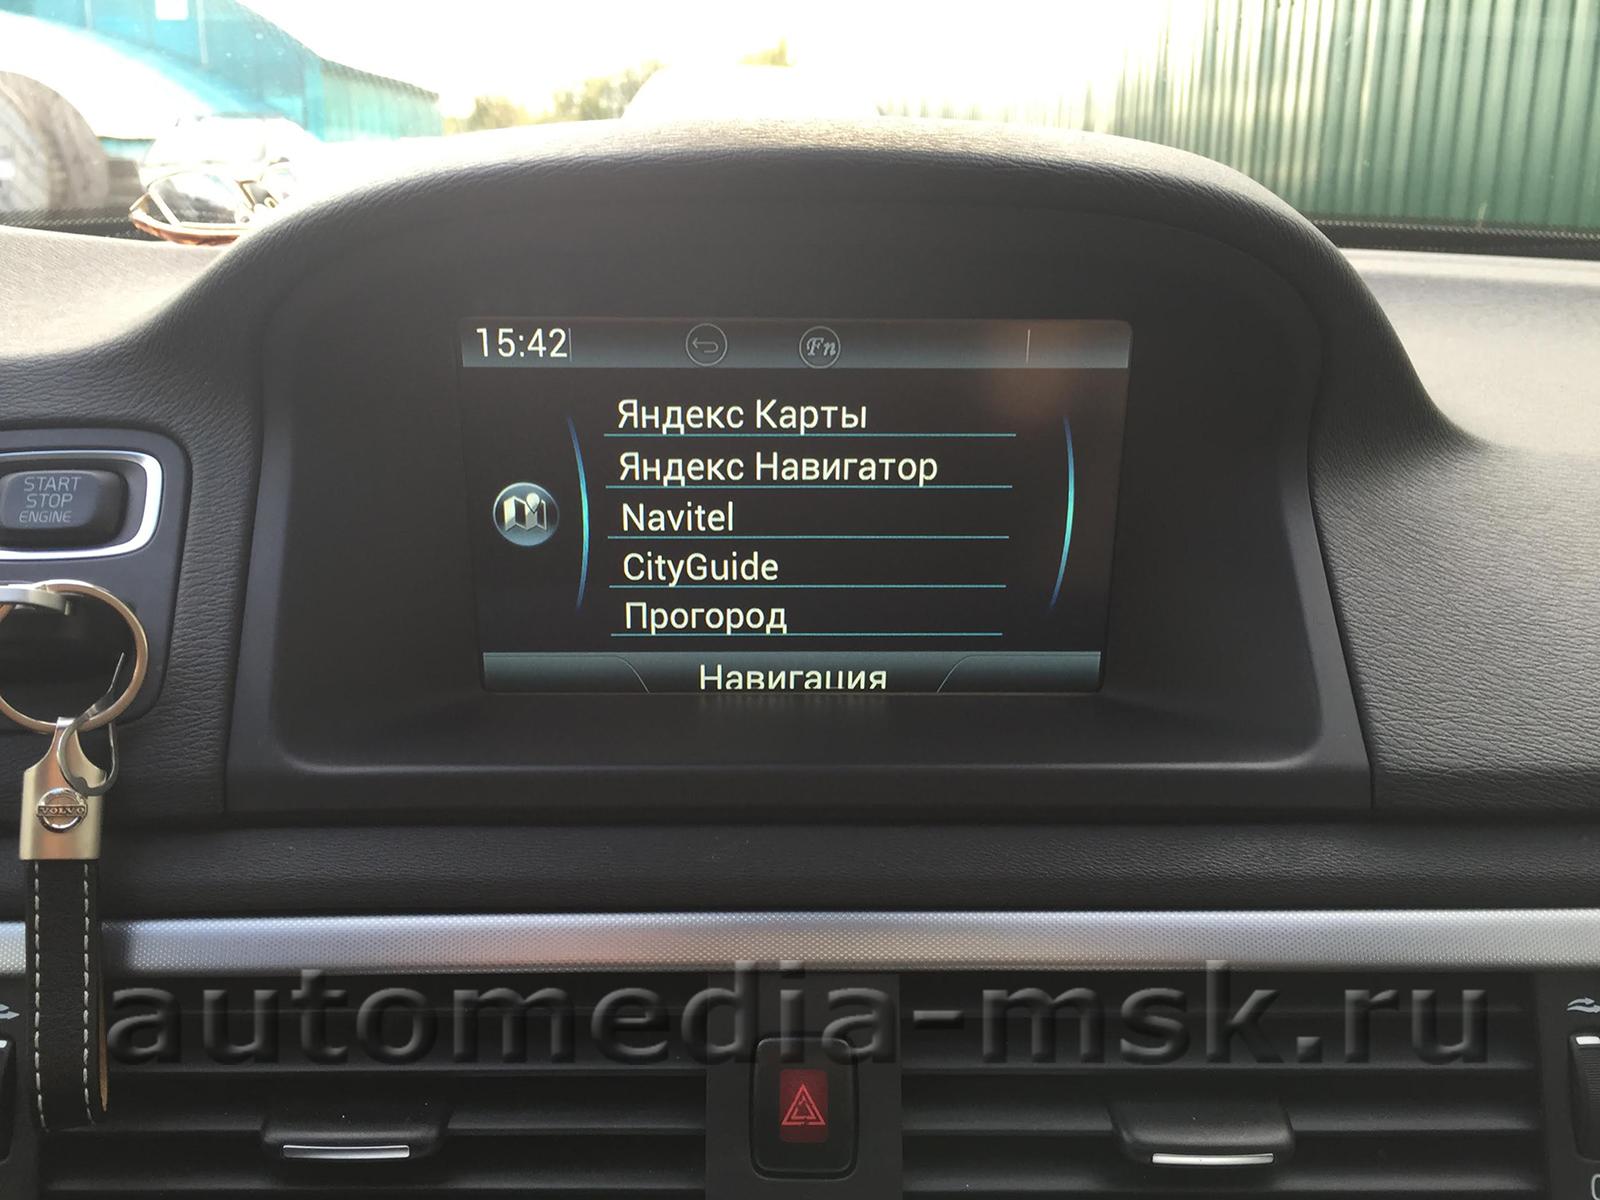 Мультимедийные устройства для автомобилей Volvo